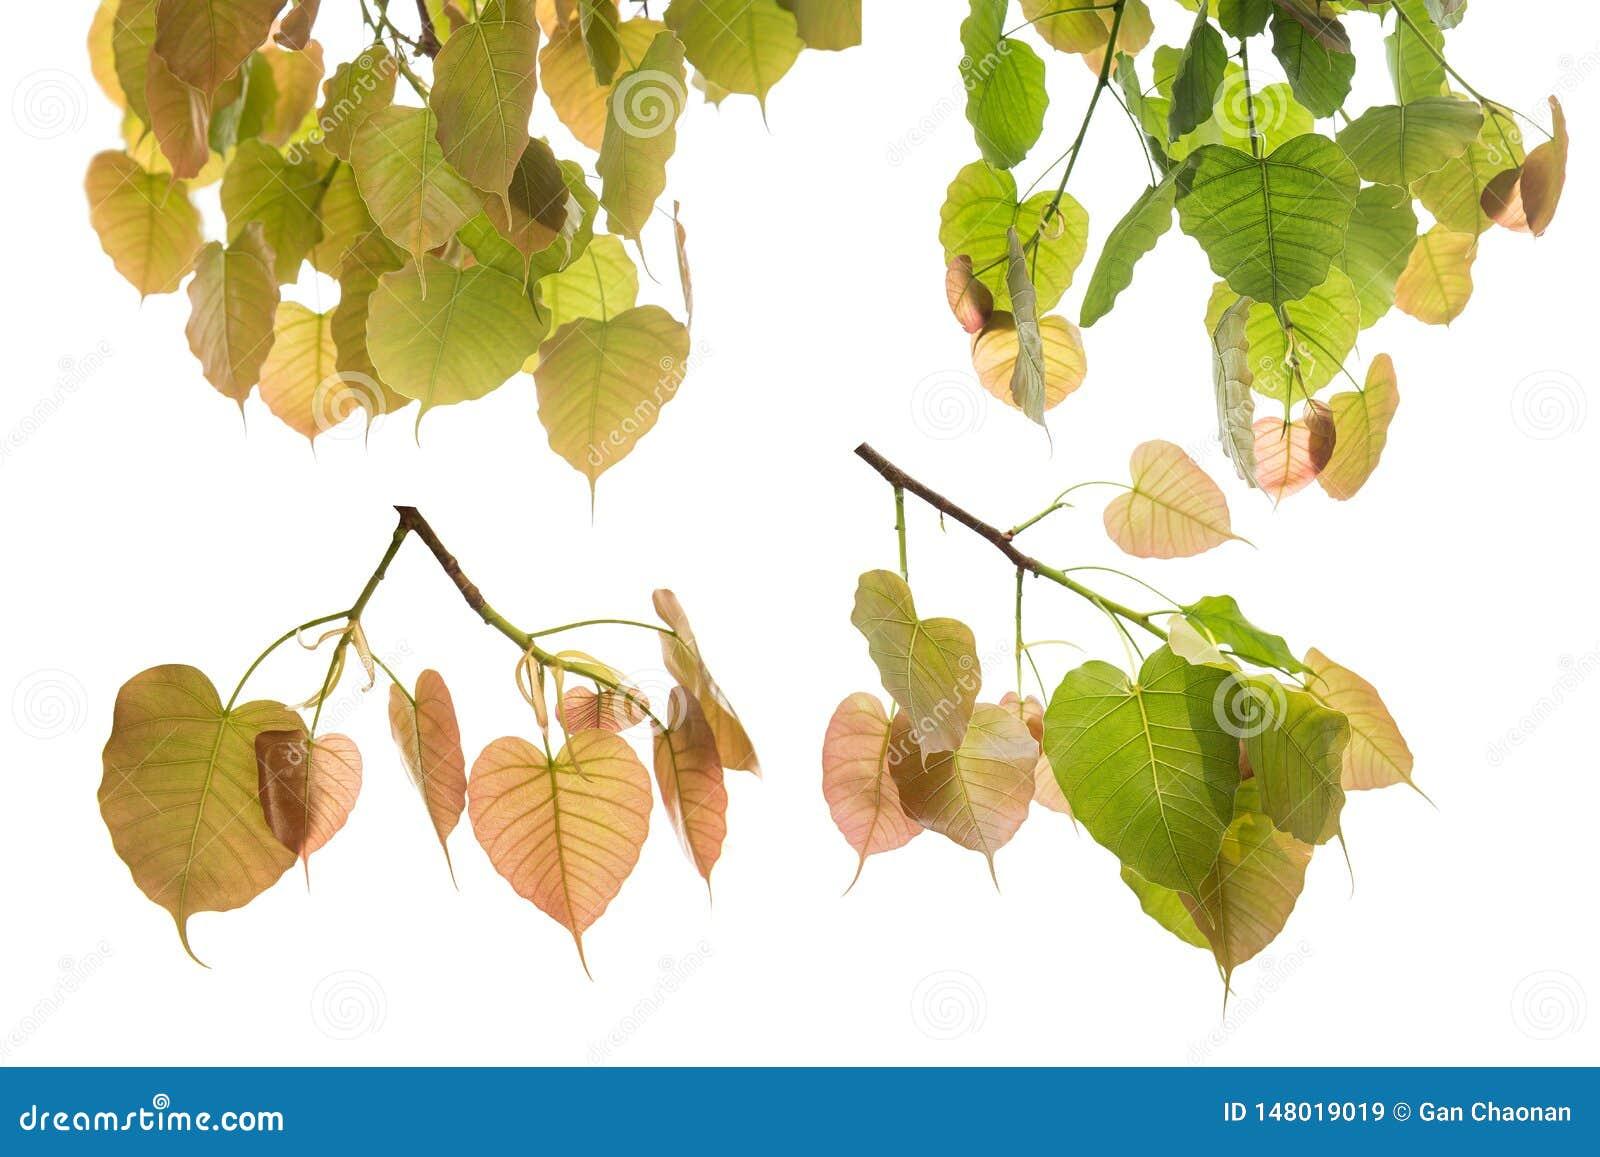 Sammlung von Bodhi-Blättern oder von Peepal-Blatt vom Bodhi-Baum